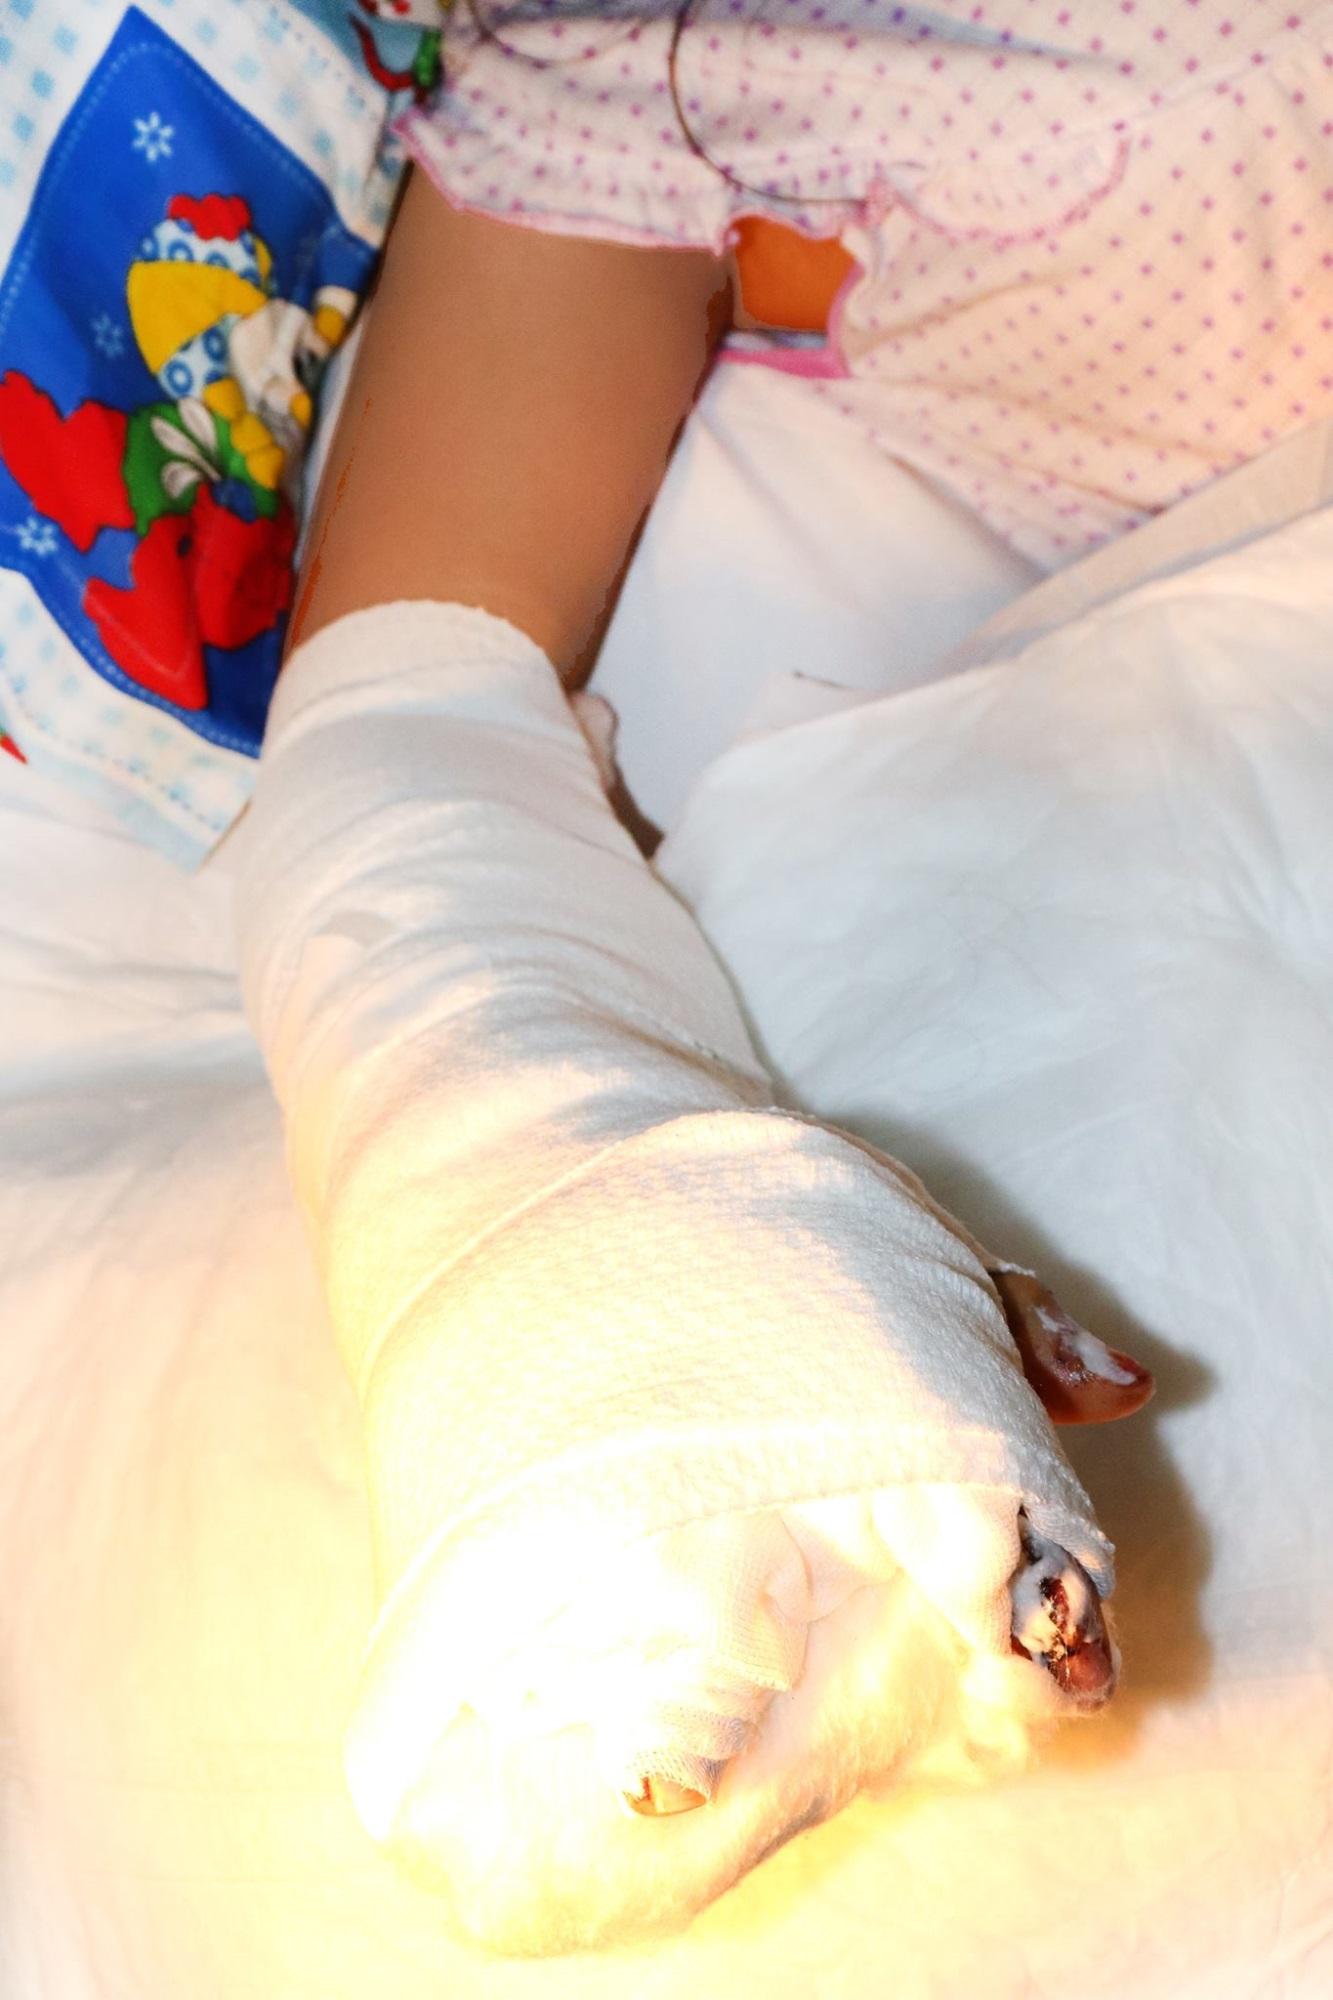 Phẫu thuật tái tạo bàn tay cho bé gái 14 tuổi bị xe container cán phải - Ảnh 1